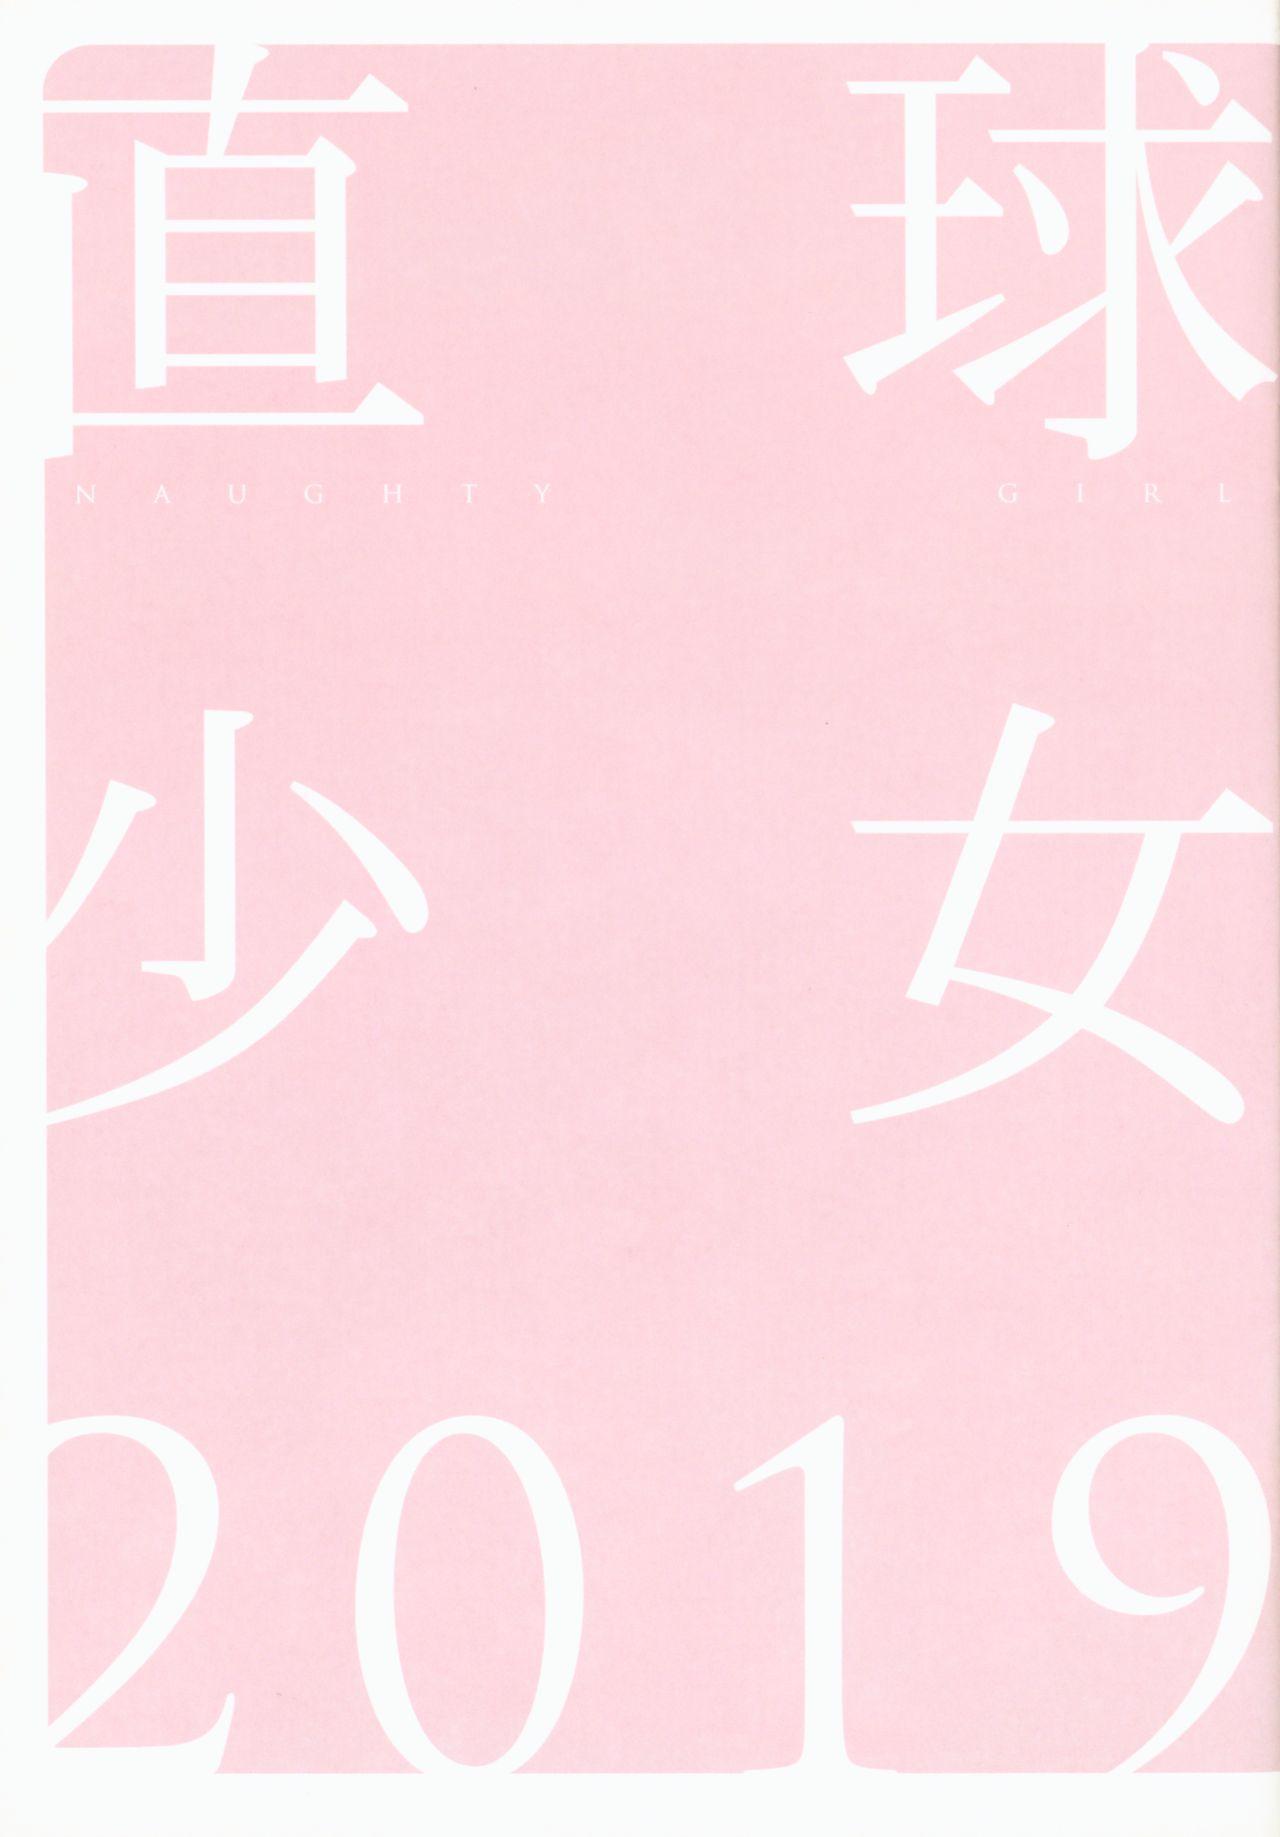 Chokkyuu Shoujo 2019 8